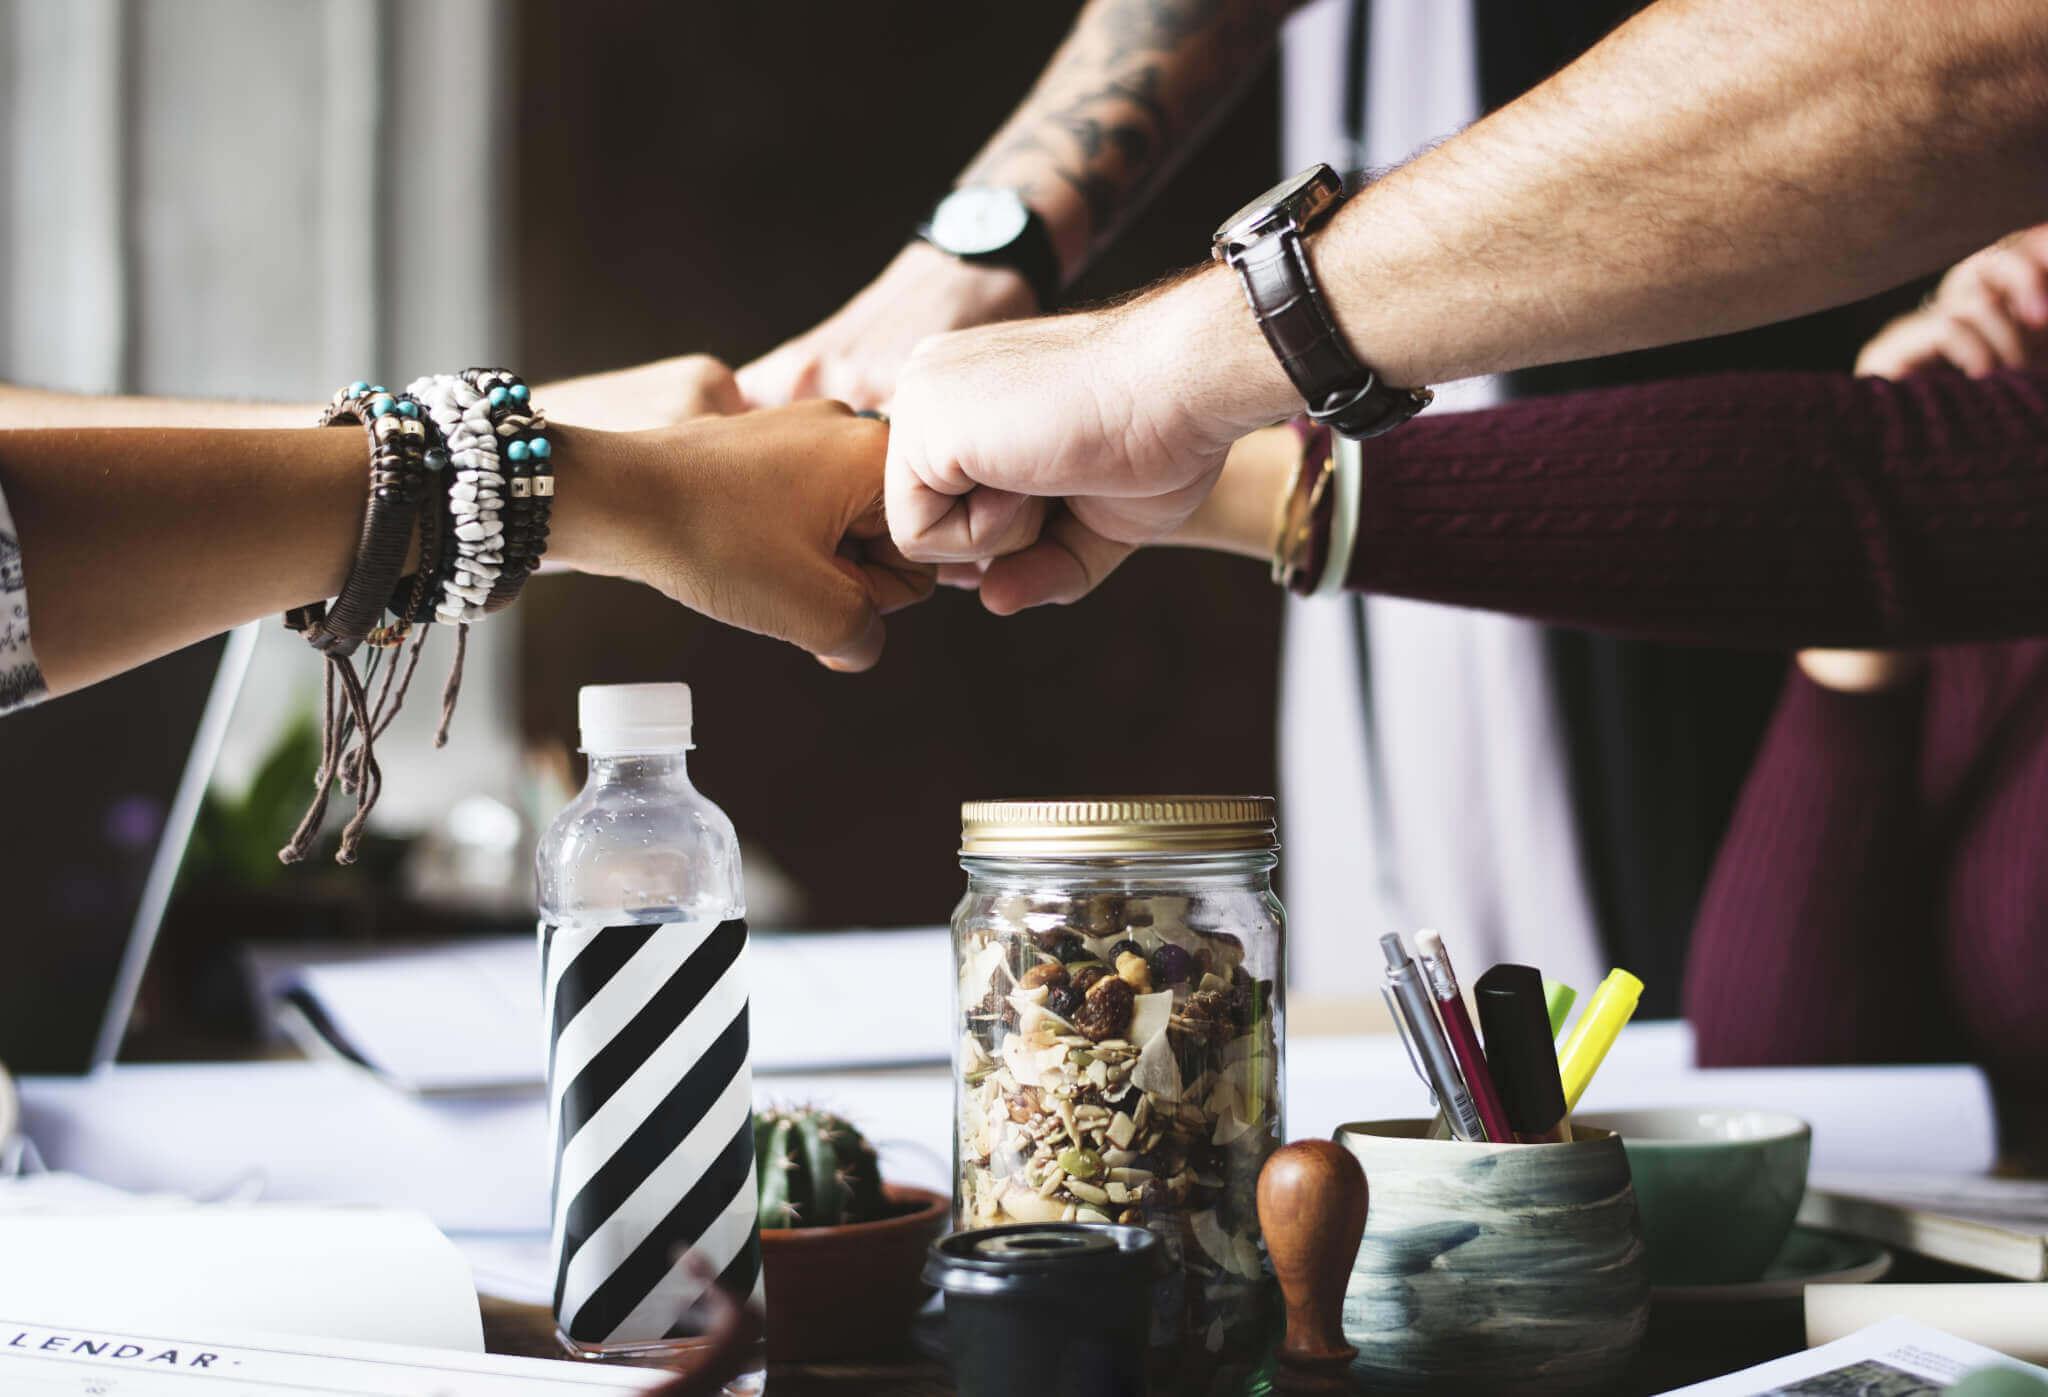 Mitarbeiterempfehlungsprogramme auch für KMU sinnvoll